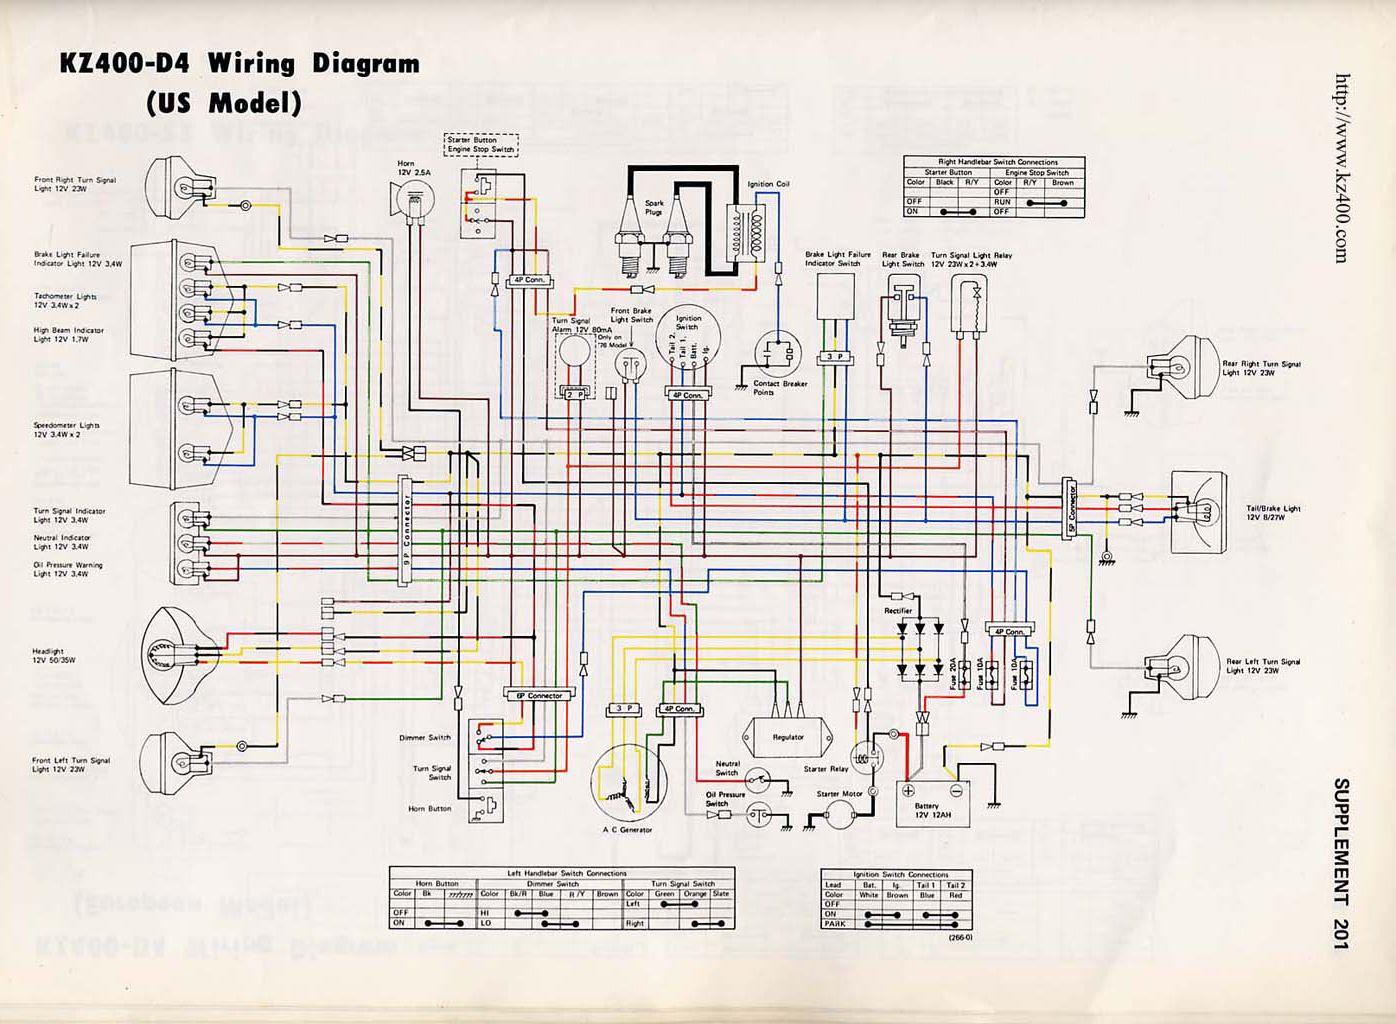 Kawasaki 400 Wiring Diagram | Wiring Diagram 2019 on yamaha kodiak 400 wiring diagram, kawasaki prairie 650 parts, toyota electrical wiring diagram, kawasaki bayou 220 parts diagram, kawasaki prairie 400, kawasaki 300 atv parts, polaris sportsman 400 wiring diagram, polaris sportsman 700 wiring diagram, 220 plug wiring diagram, suzuki eiger 400 wiring diagram, polaris xpedition 425 wiring diagram, suzuki king quad 700 wiring diagram, yamaha big bear 400 wiring diagram, kawasaki prairie 700, yamaha rhino 450 wiring diagram, kawasaki prairie parts diagram, suzuki king quad 750 wiring diagram, kawasaki bayou 300 carburetor problems, polaris sportsman 800 wiring diagram, kawasaki 300 bayou diagram,